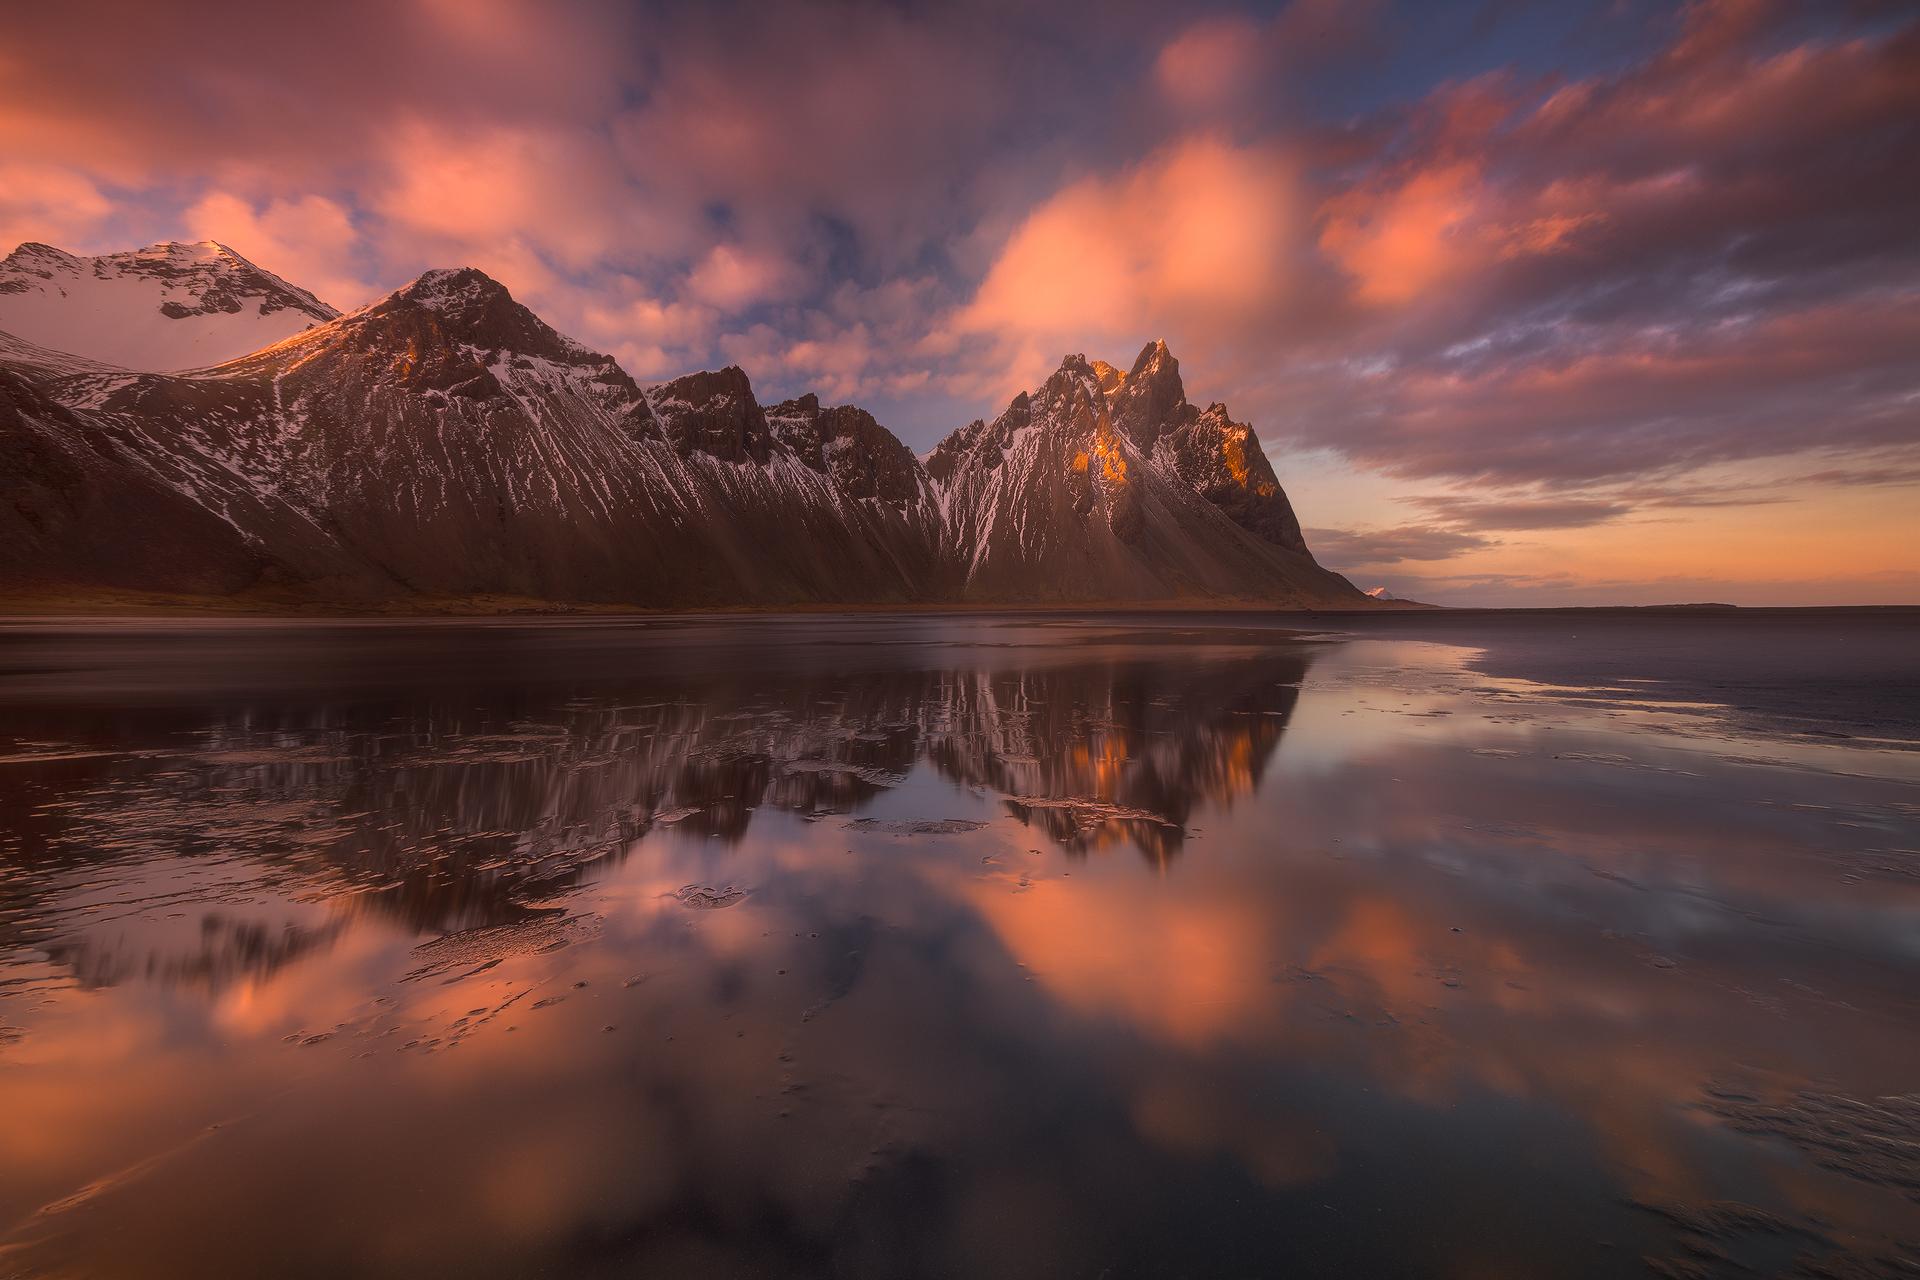 La lagune glaciaire de Jökulsárlón est un endroit idéal pour la photographie en pose longue